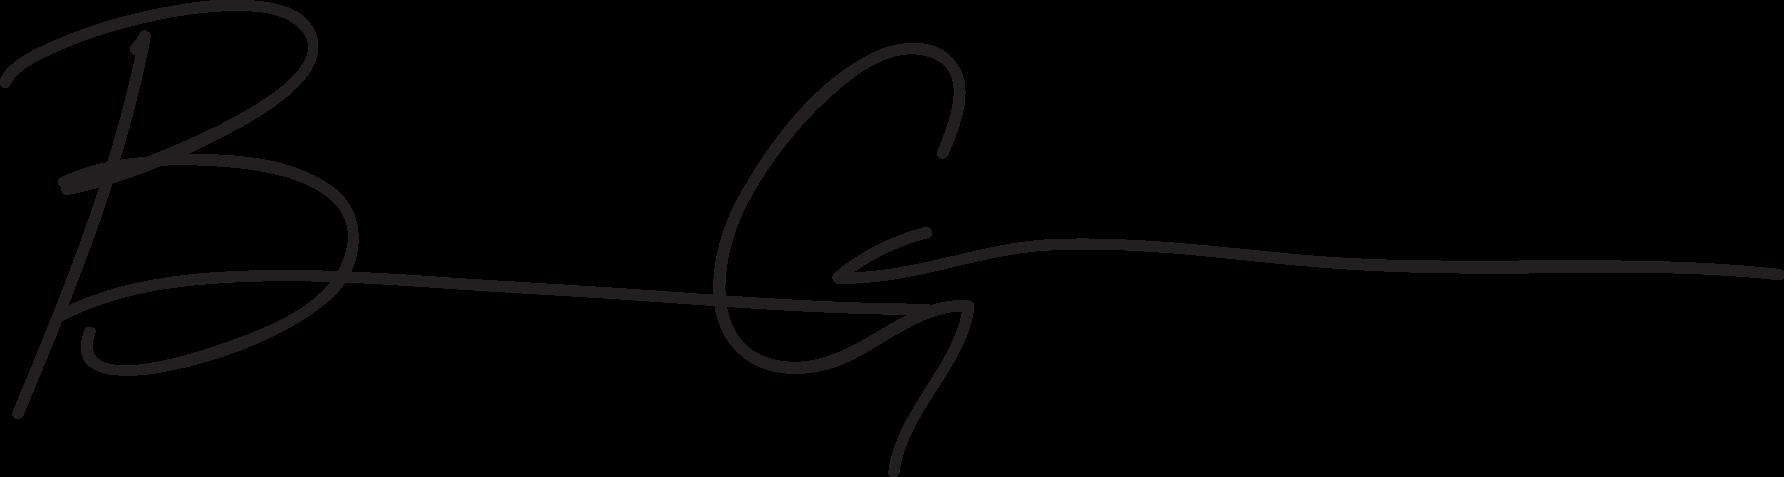 Benson's Signature